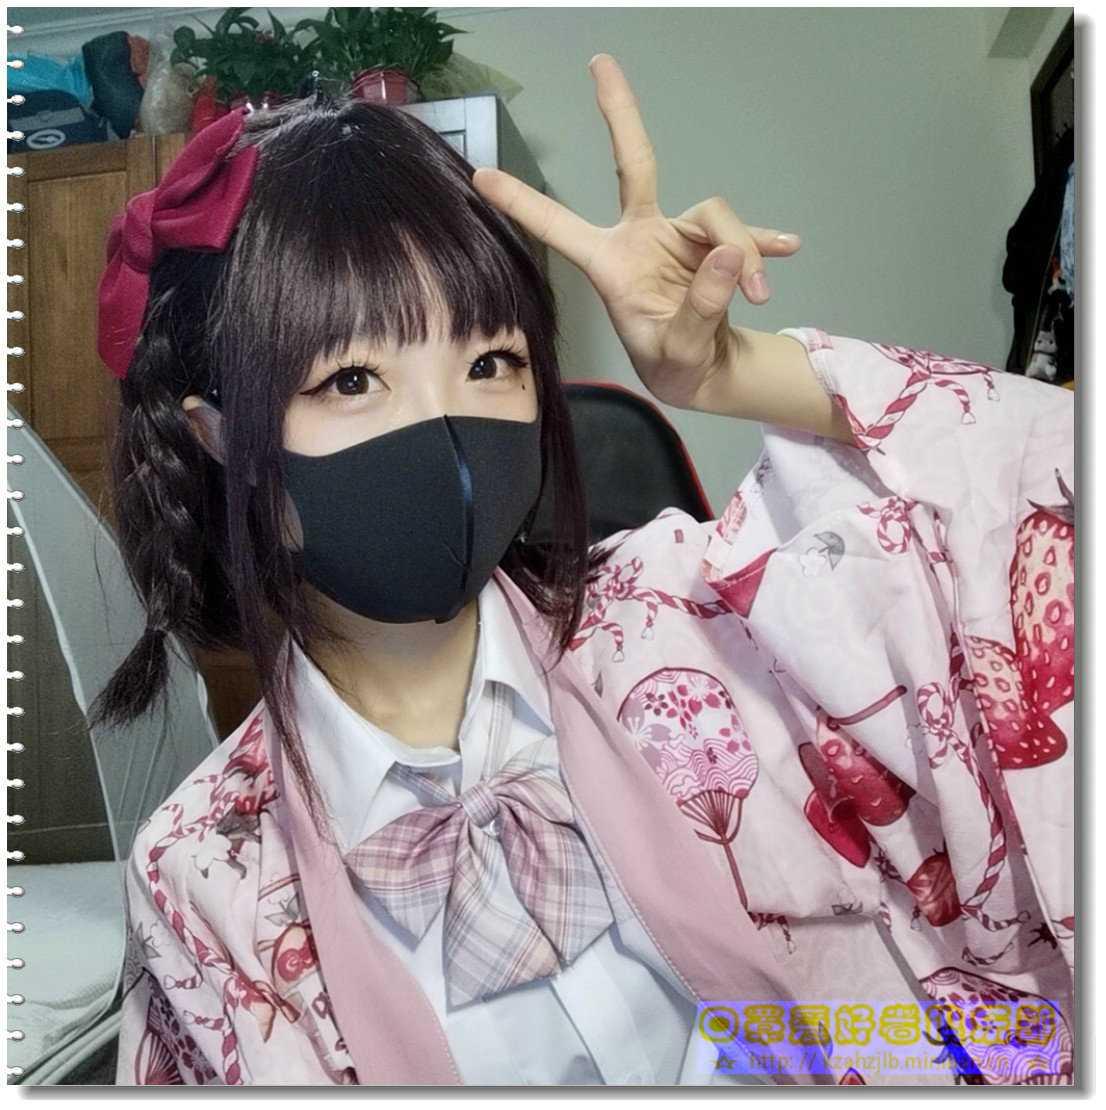 【贴图】时尚萌妹小主播 -3